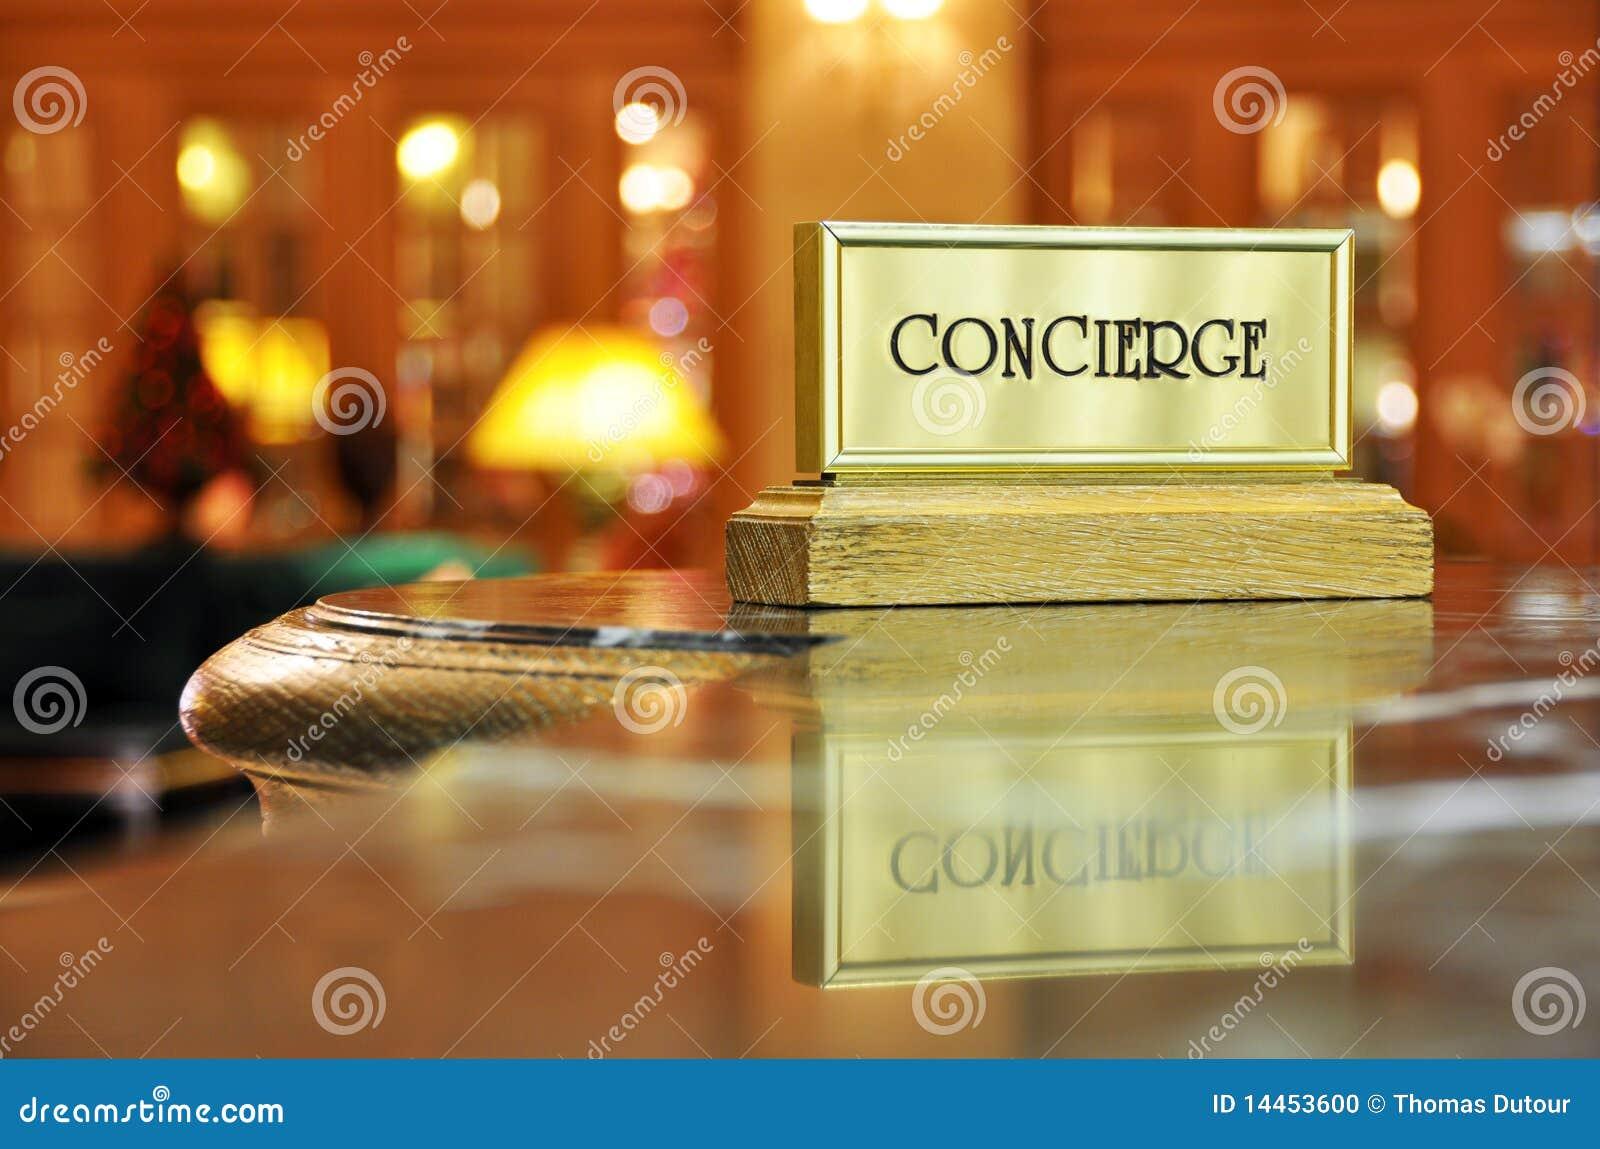 Bureau de concierge